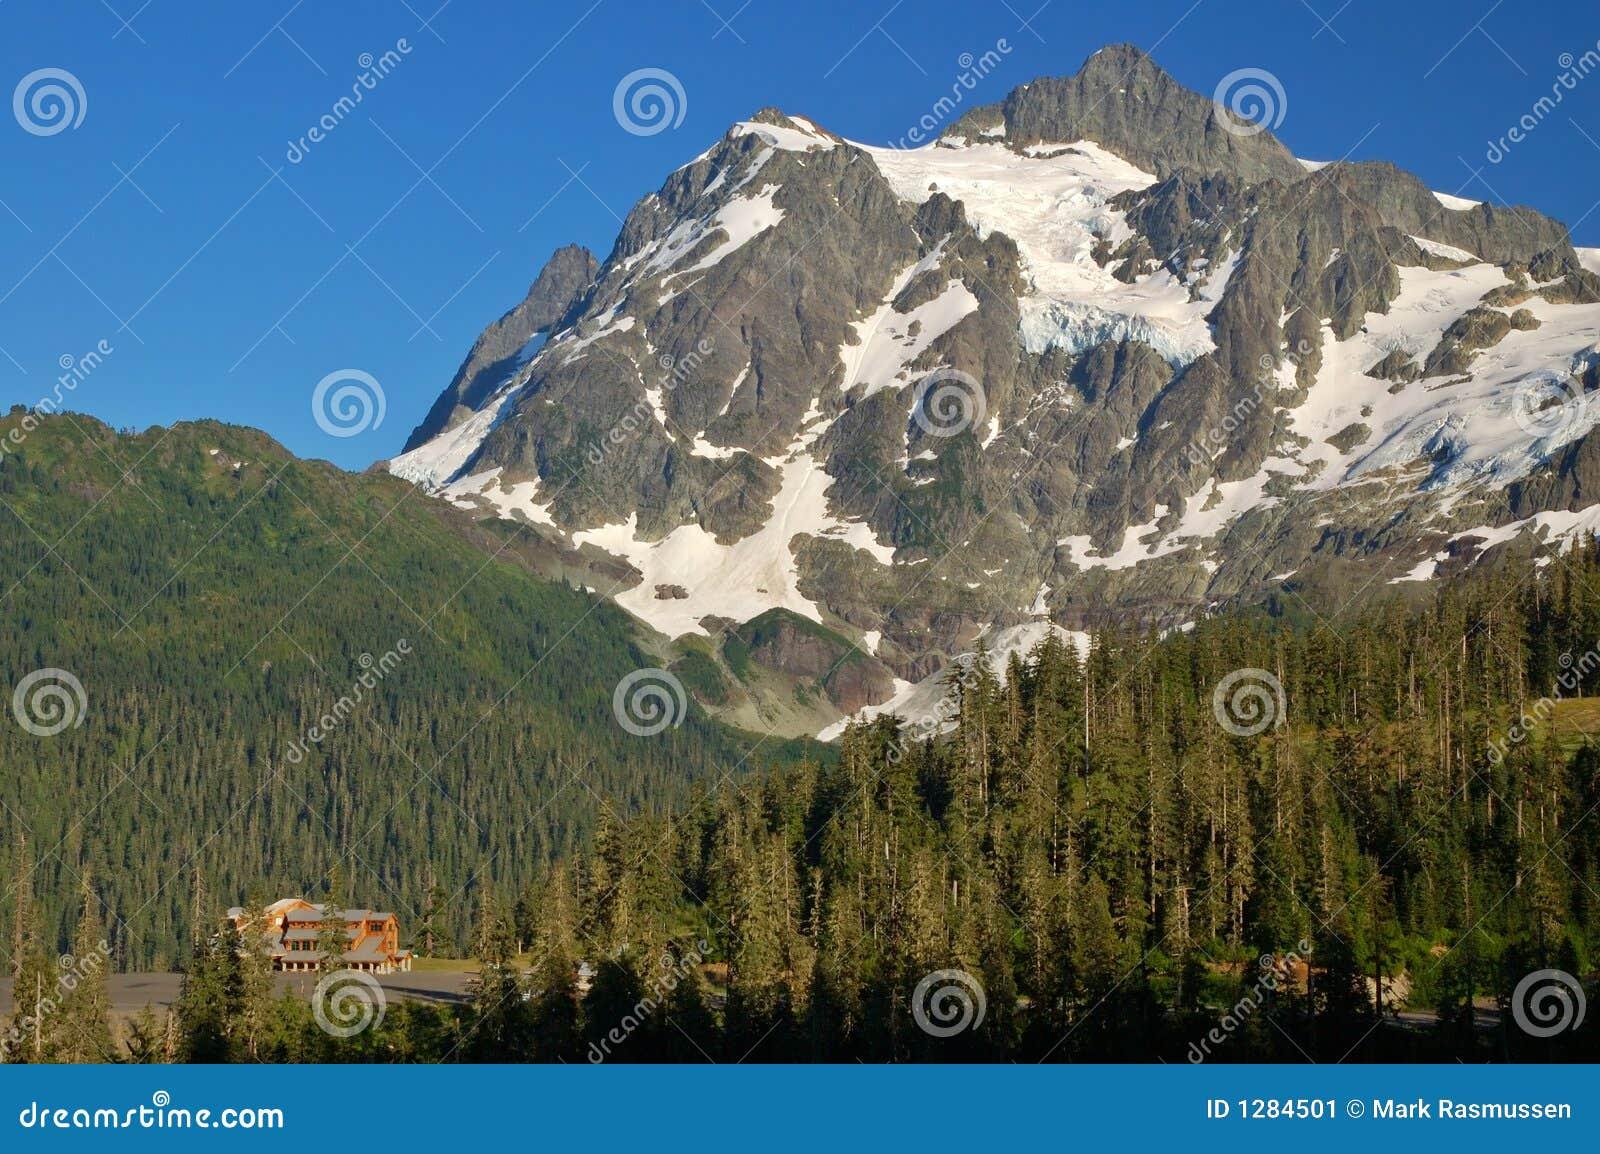 Download Paisaje Escénico De La Montaña Imagen de archivo - Imagen de escénico, outdoors: 1284501